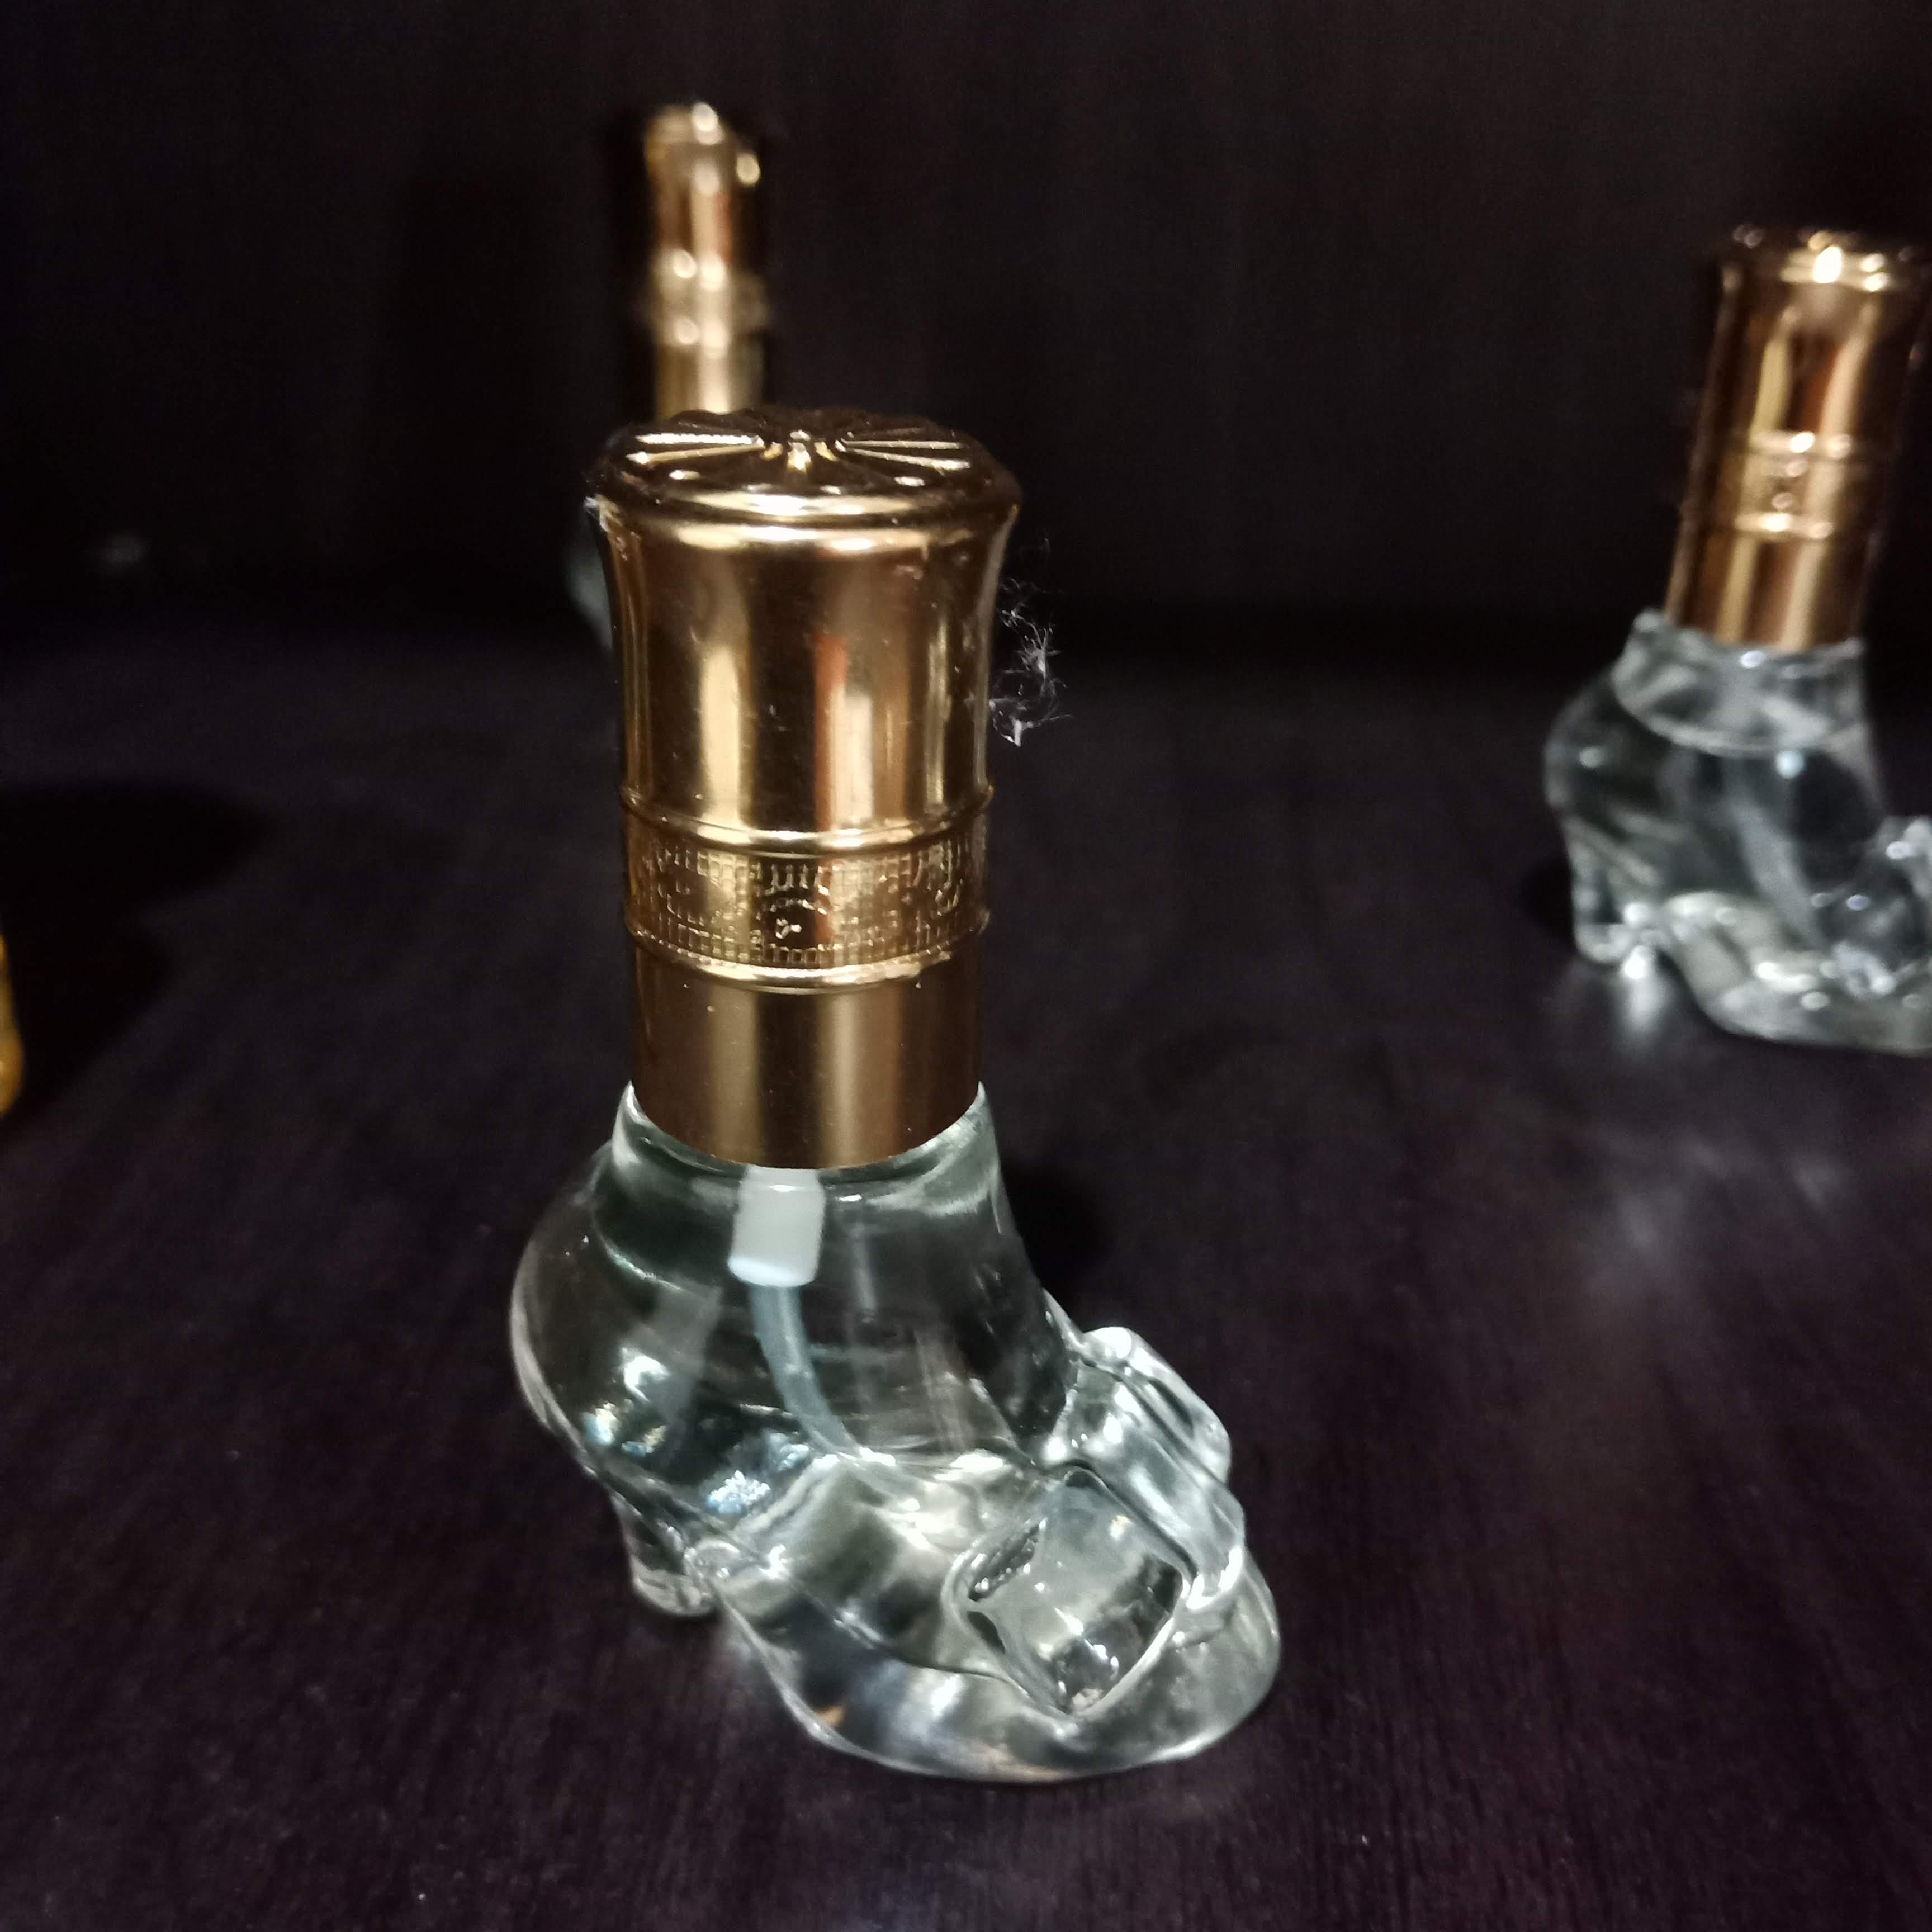 Esyamz Perfume & Bodycare | EXCLUSIVE DOORGIFT PERFUME